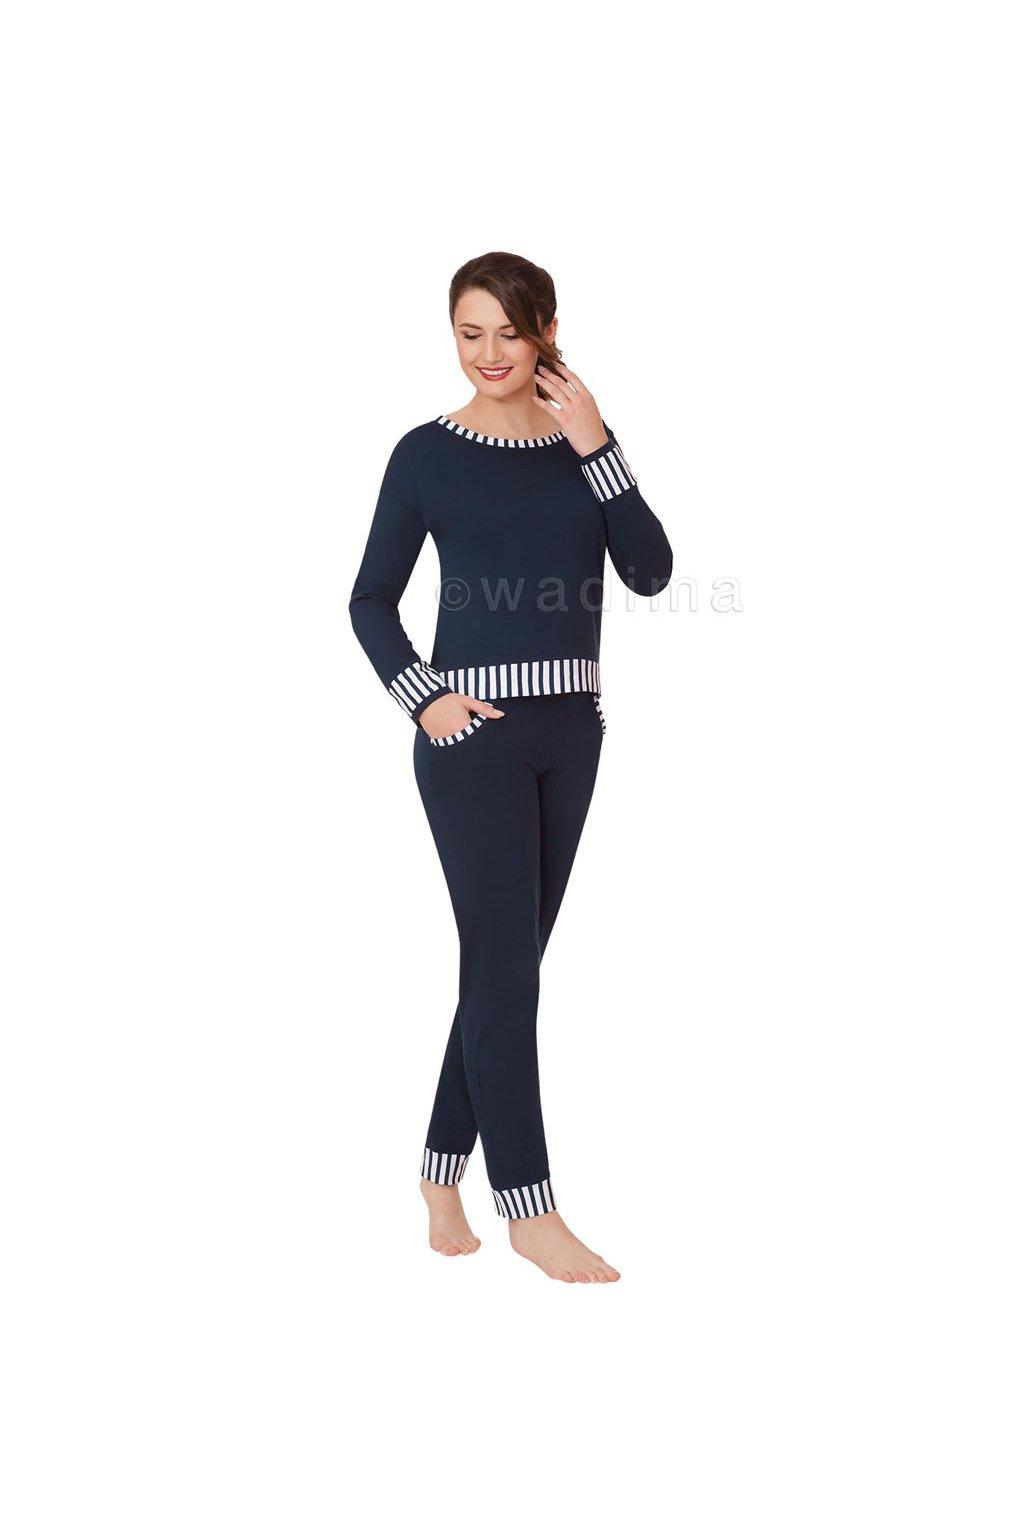 Dámské pyžamo s dlouhým rukávem, 104384 28, modrá